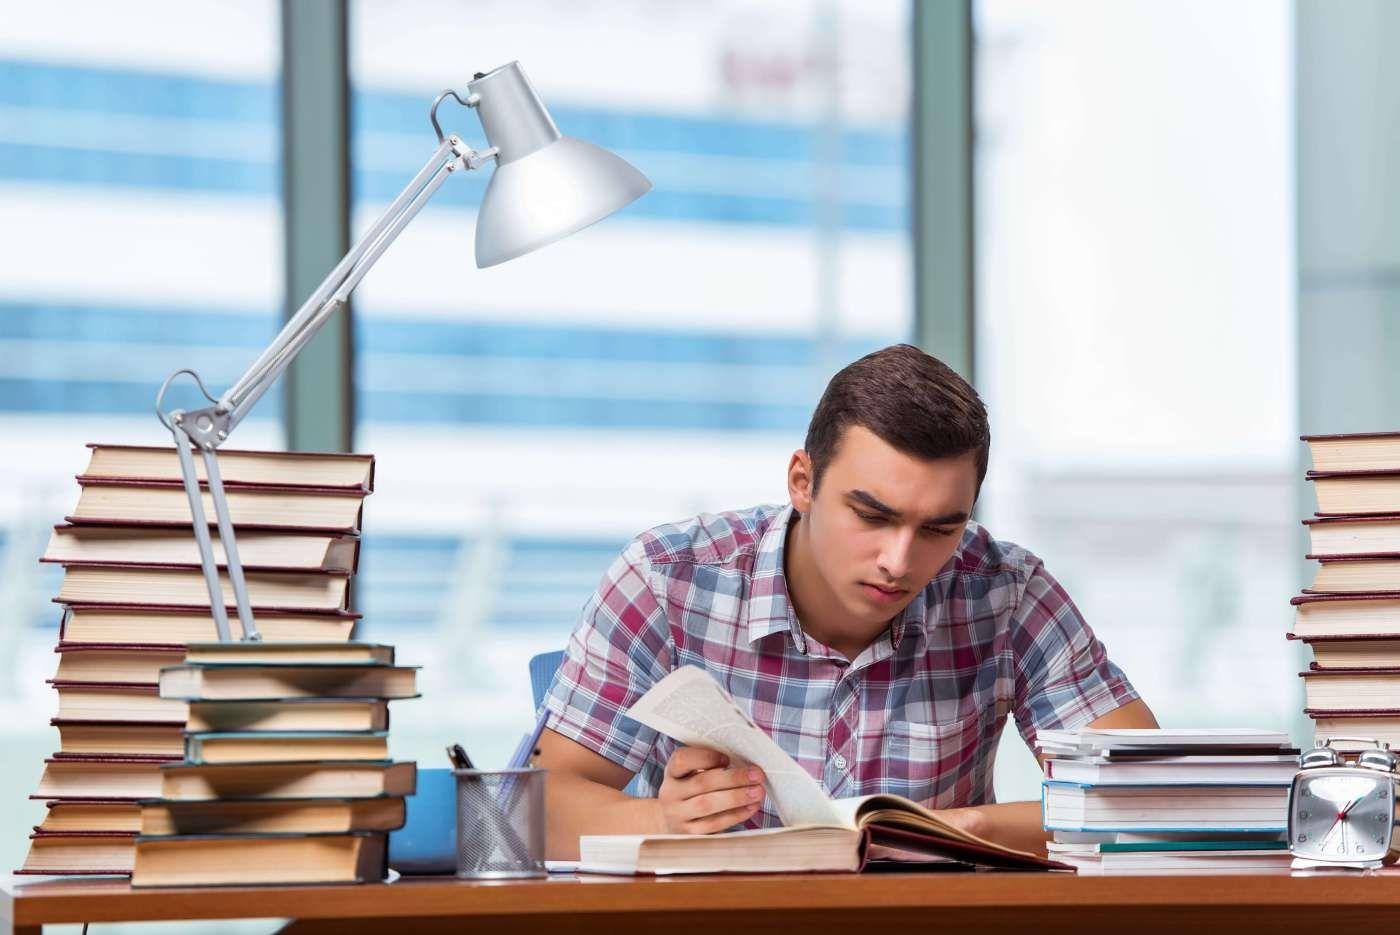 Một lộ trình tự học TOEIC hợp lý sẽ giúp bạn tiết kiệm được thời gian và mang lại hiệu quả